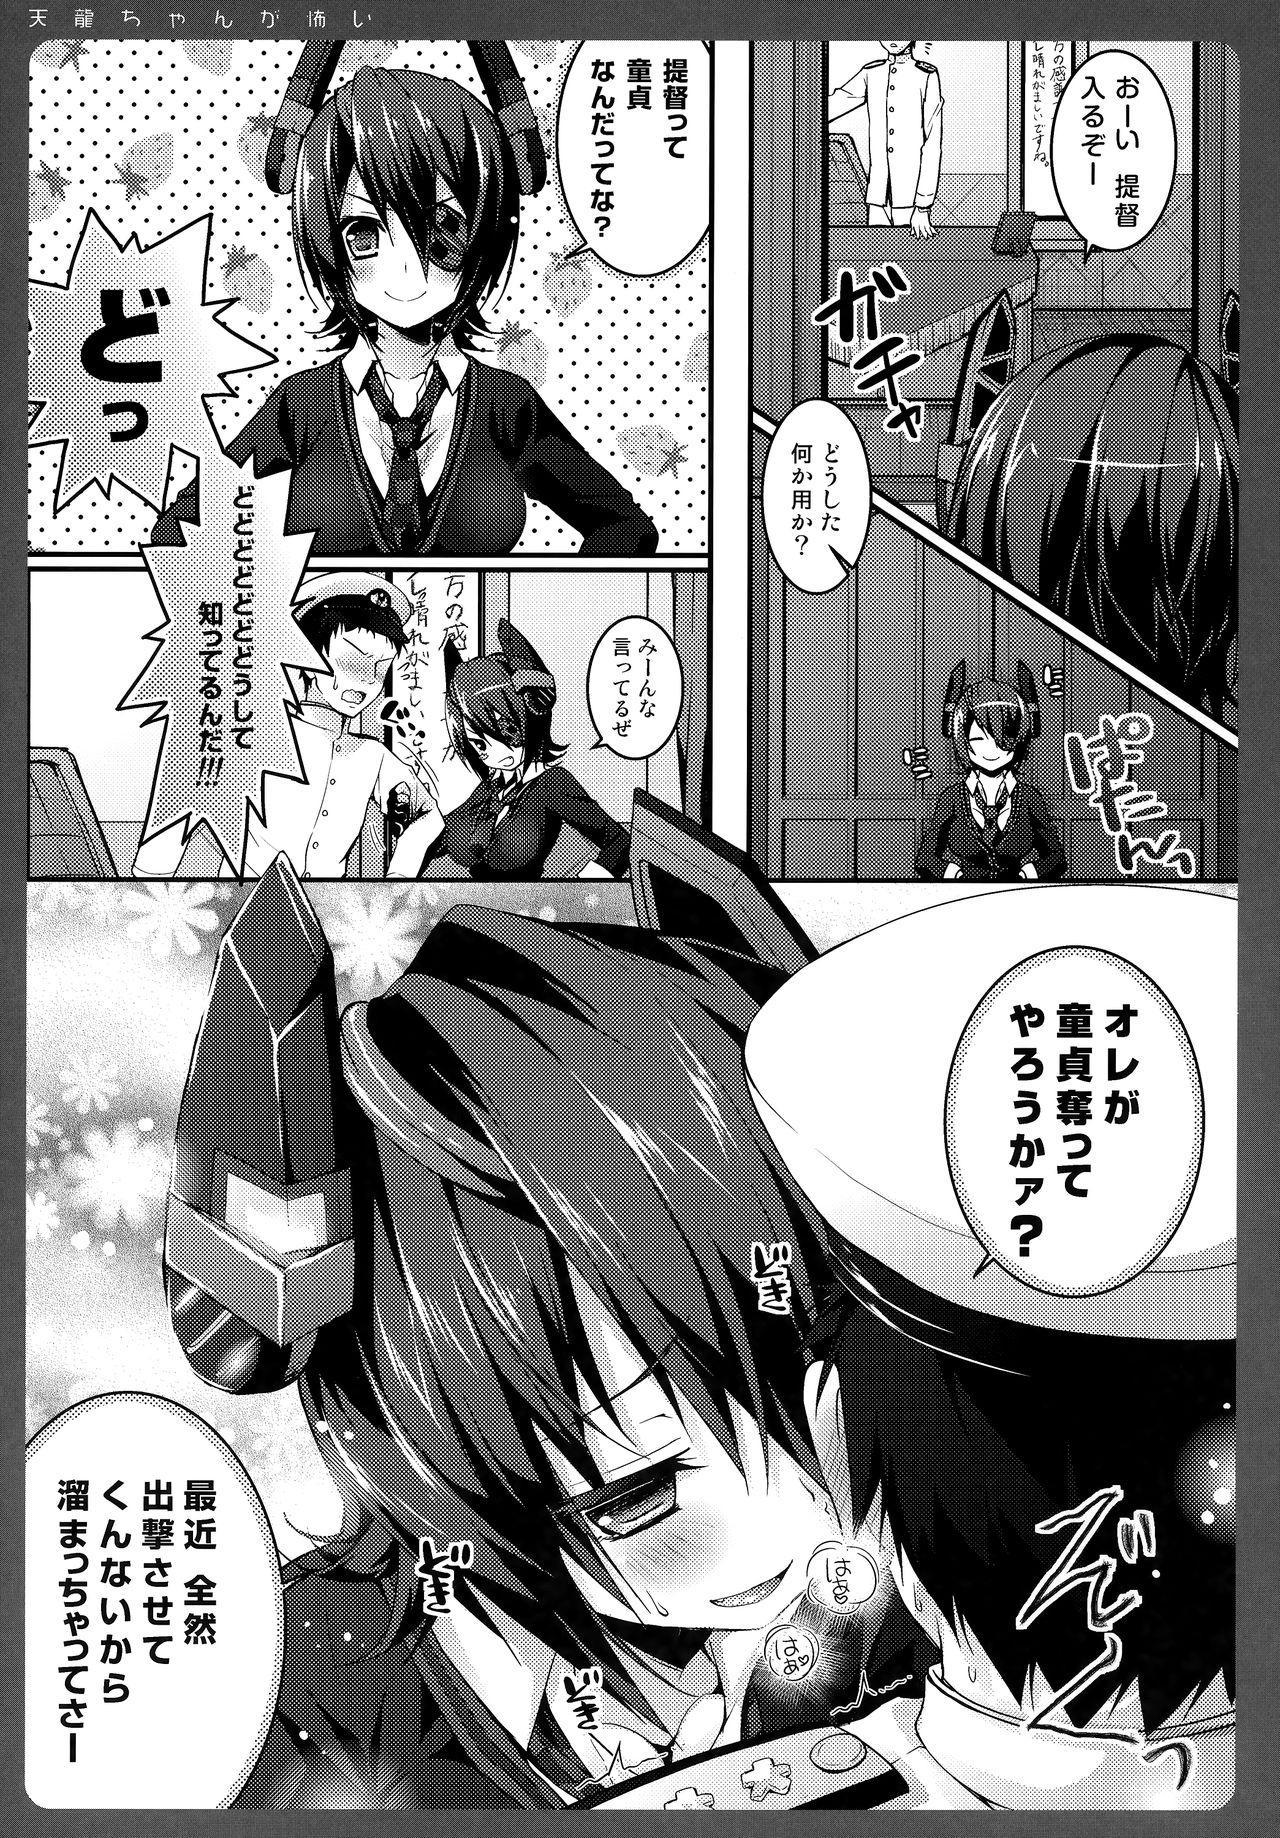 Tenryuu-chan ga Kowai 3